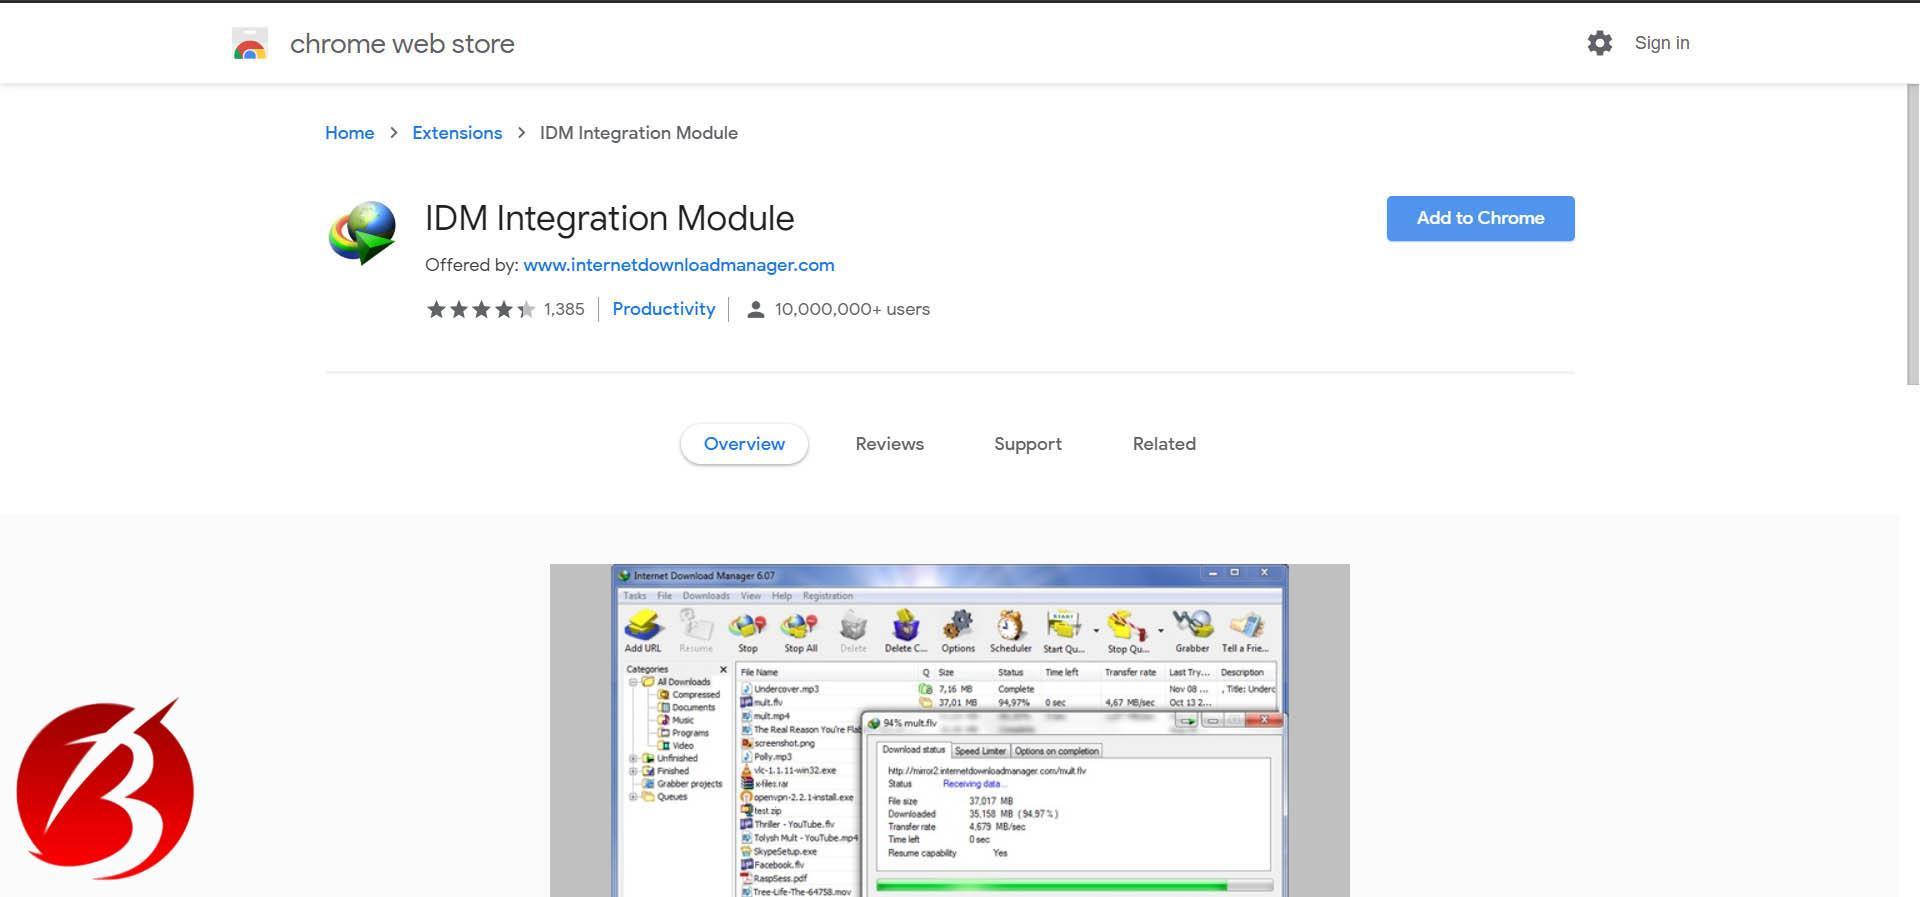 نصب افزونه IDM بر روی مرورگر گوگل کروم - تصویر هفتم